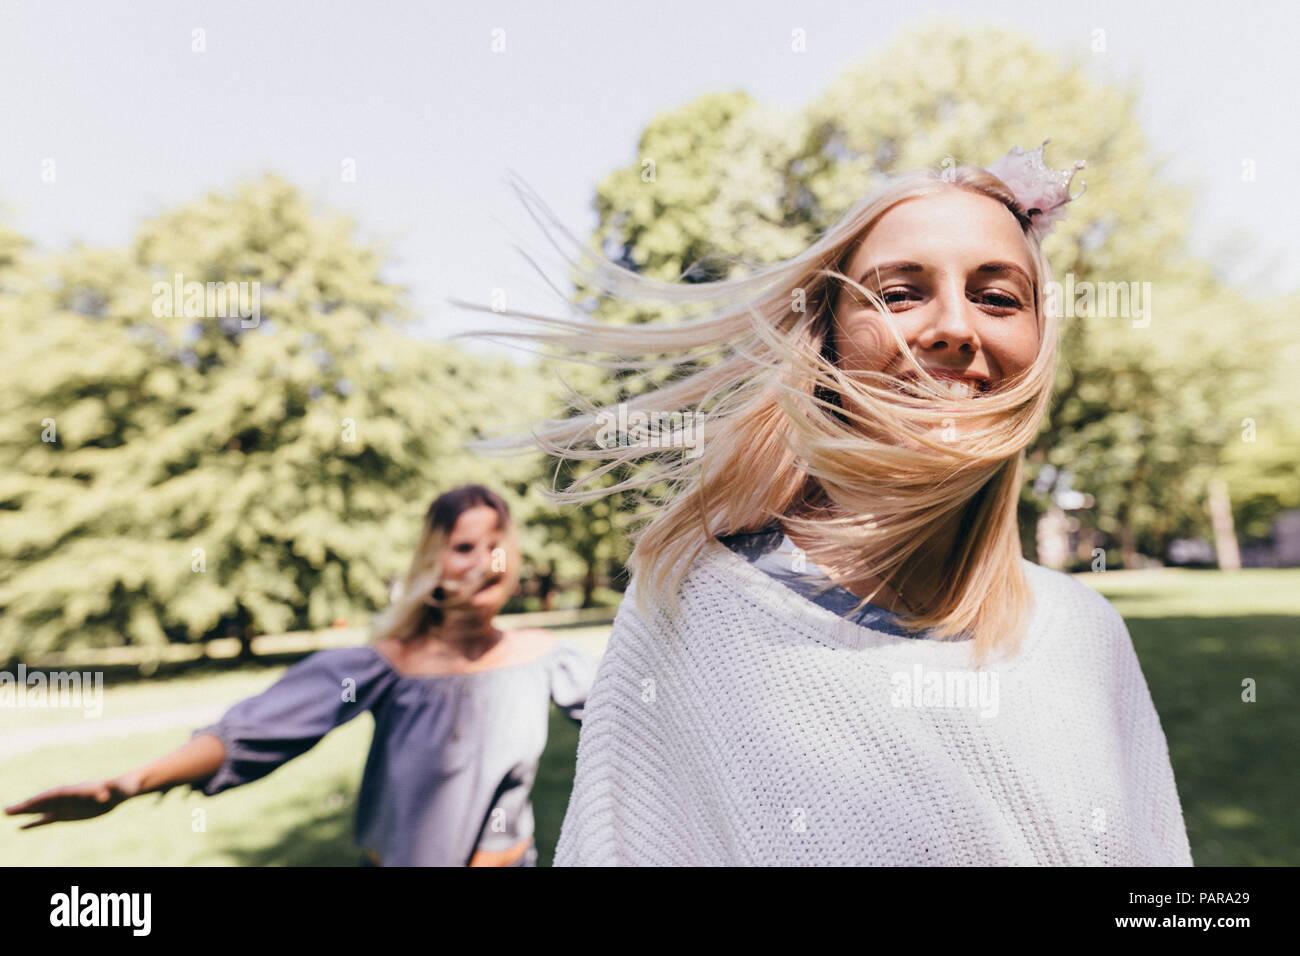 Porträt von zwei glückliche junge Frauen in einem Park Stockbild